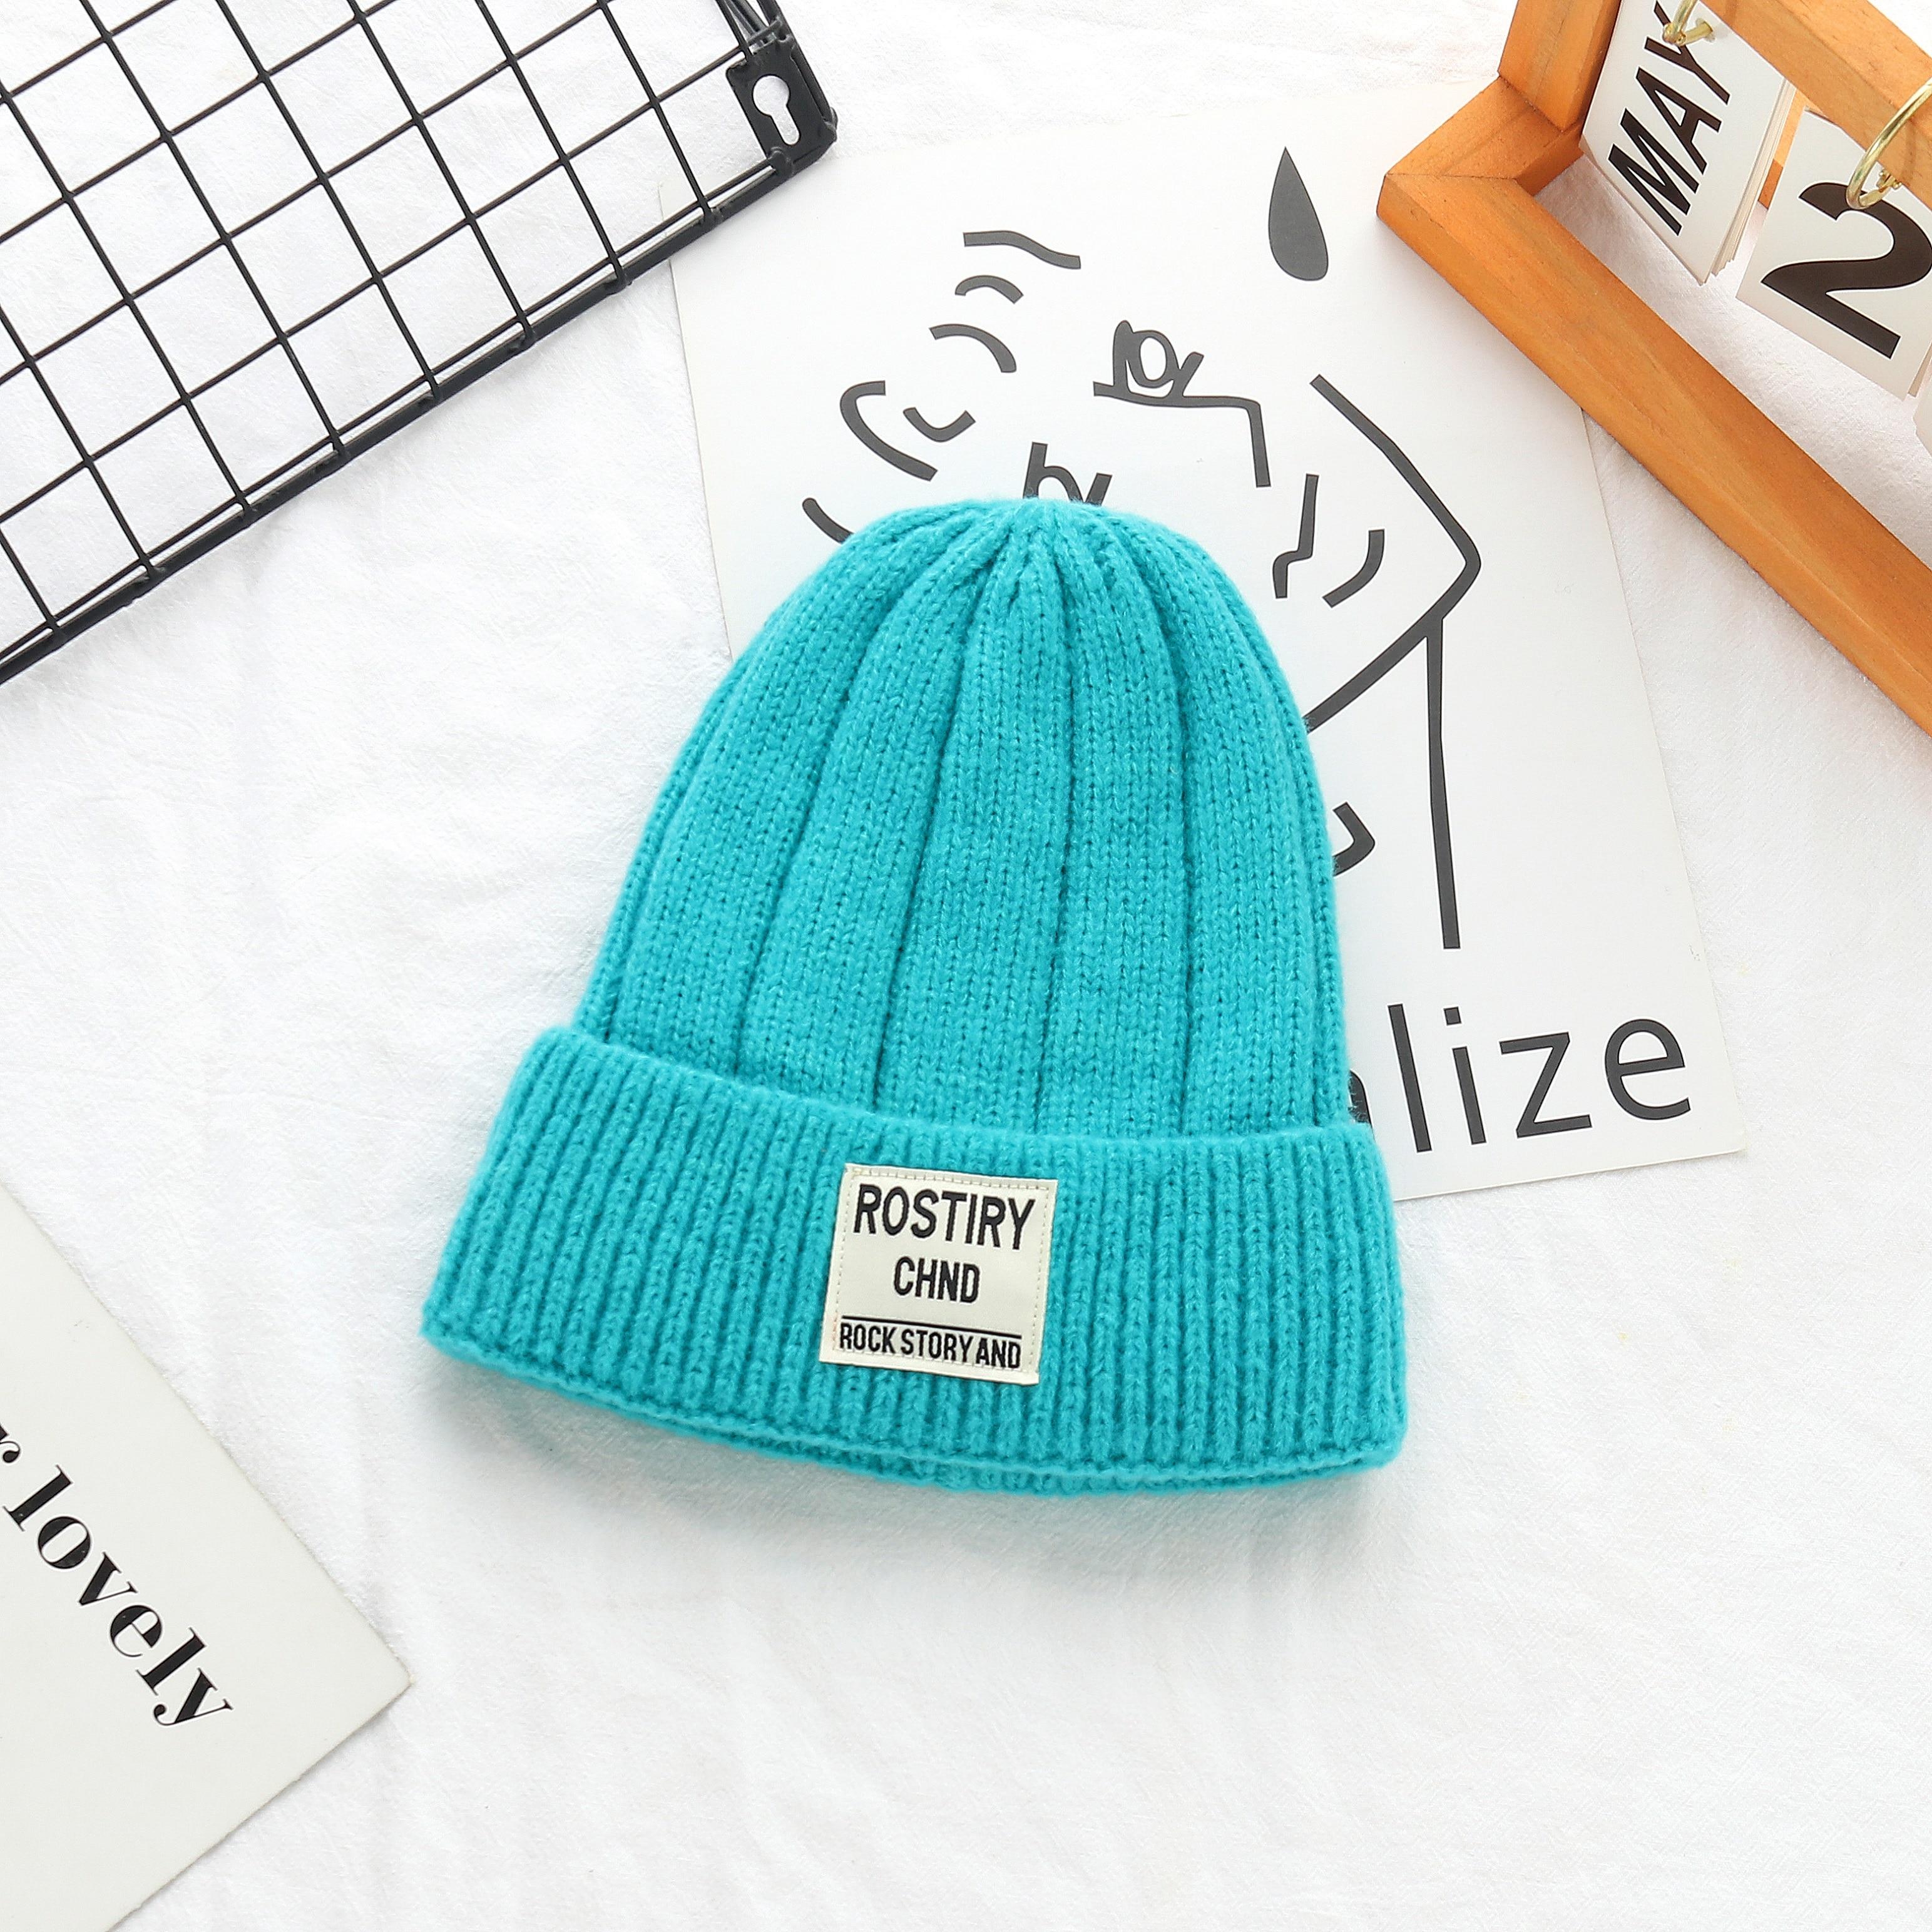 Новинка 2021, зимние шапки для мужчин и женщин, однотонные вязаные шапки, осенние женские шапки для девочек, теплые шапки